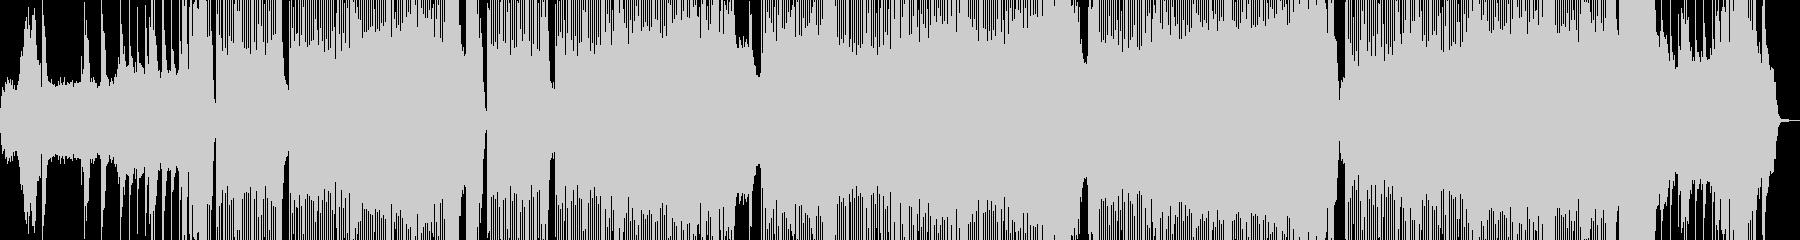 ツインギターのうなるハードロックインストの未再生の波形